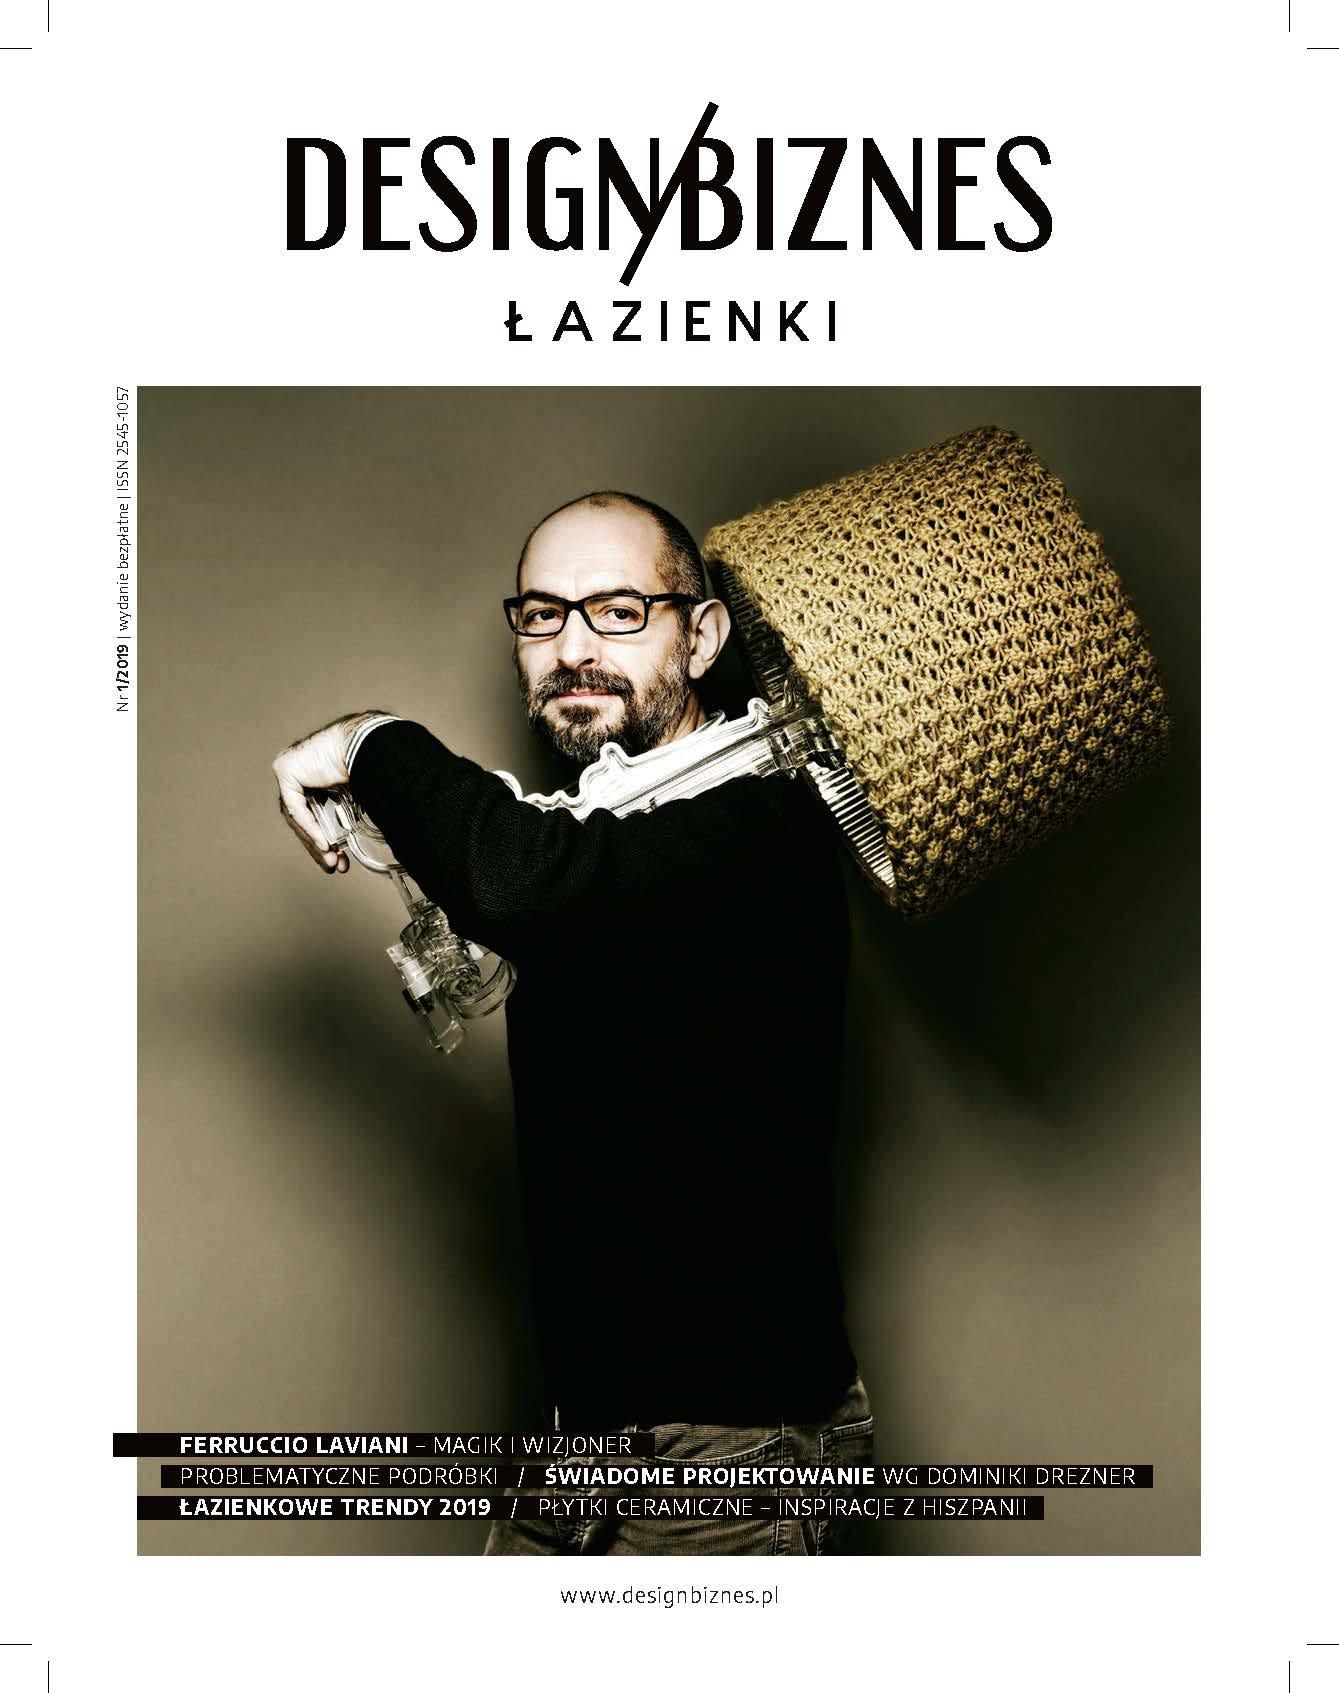 Design/Biznes